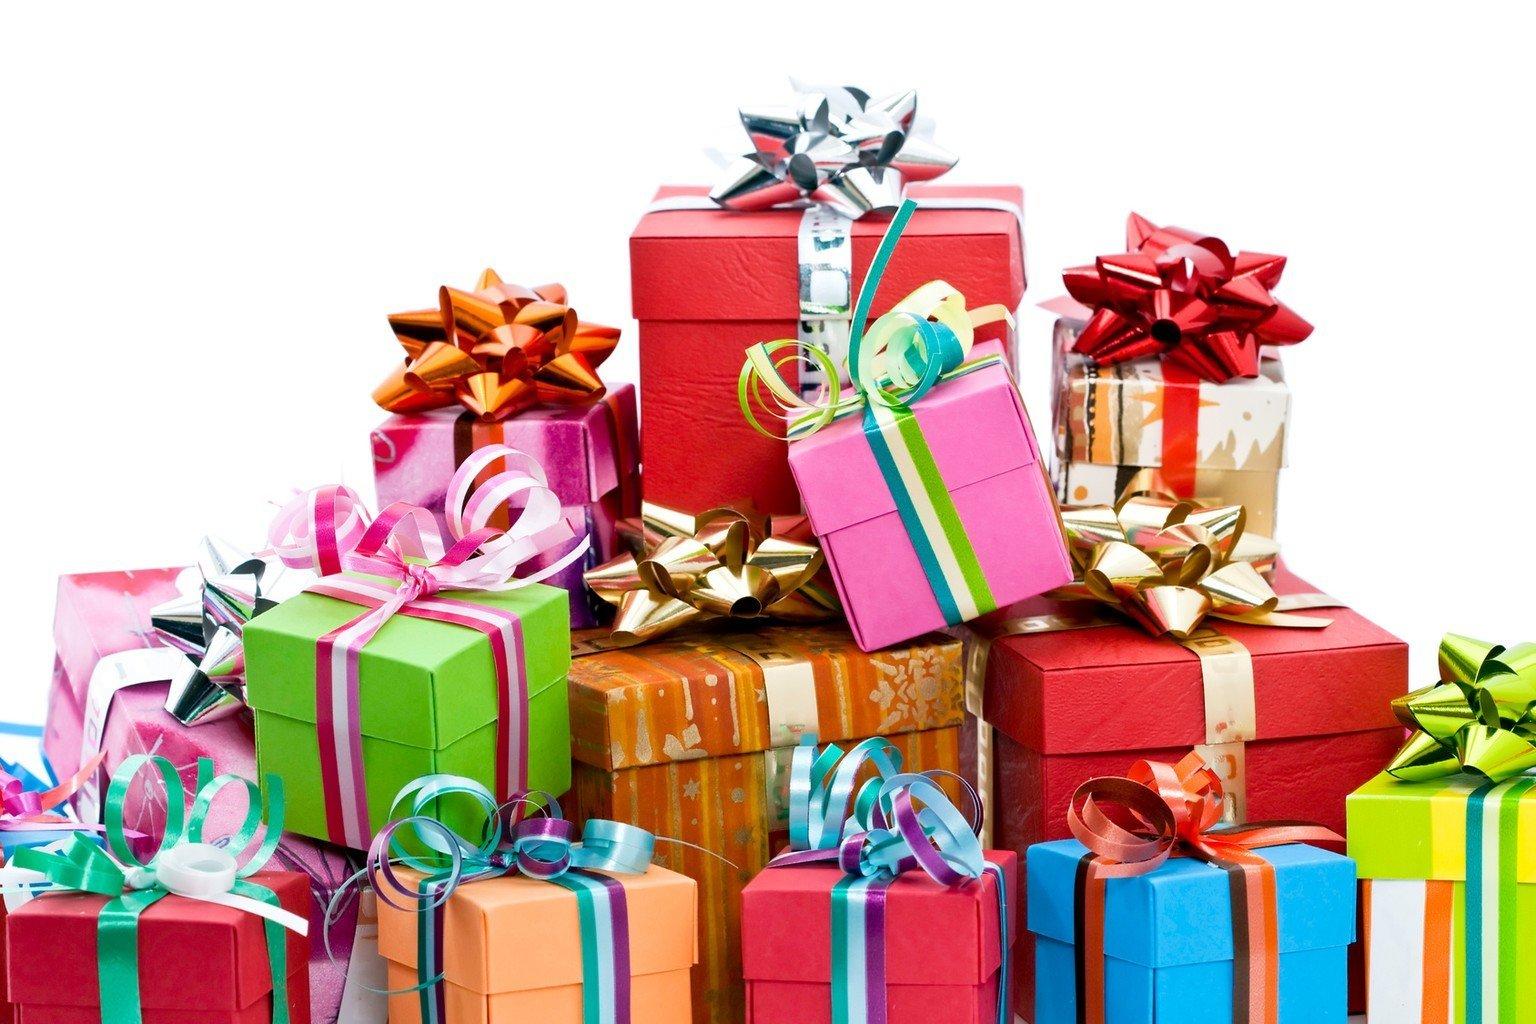 Regali Natale.I 3 Regali Di Natale Piu Utili Che Puoi Fare E Che Non Costano Niente